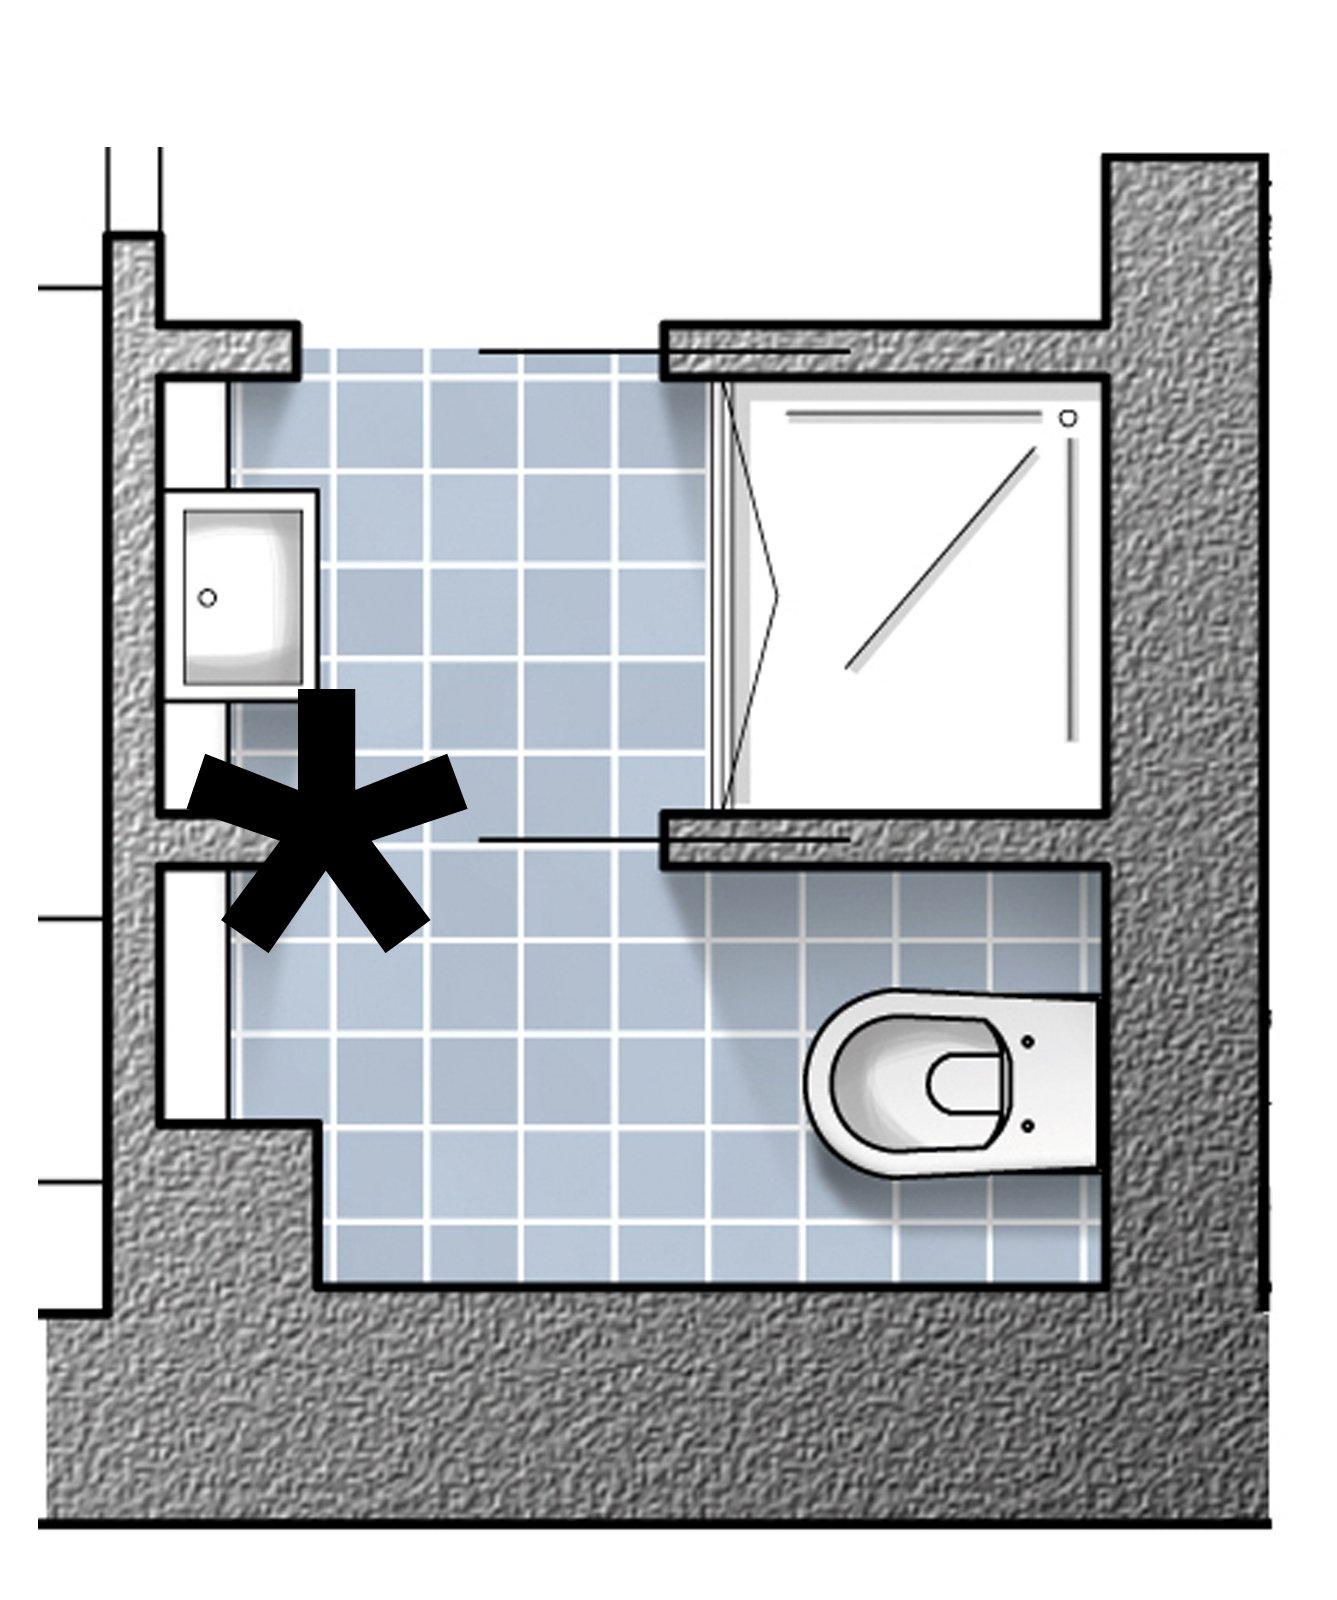 Dal bagno lungo e stretto ricavare la cabina armadio con i costi cose di casa - Quanto costa rifare un bagno di 5mq ...